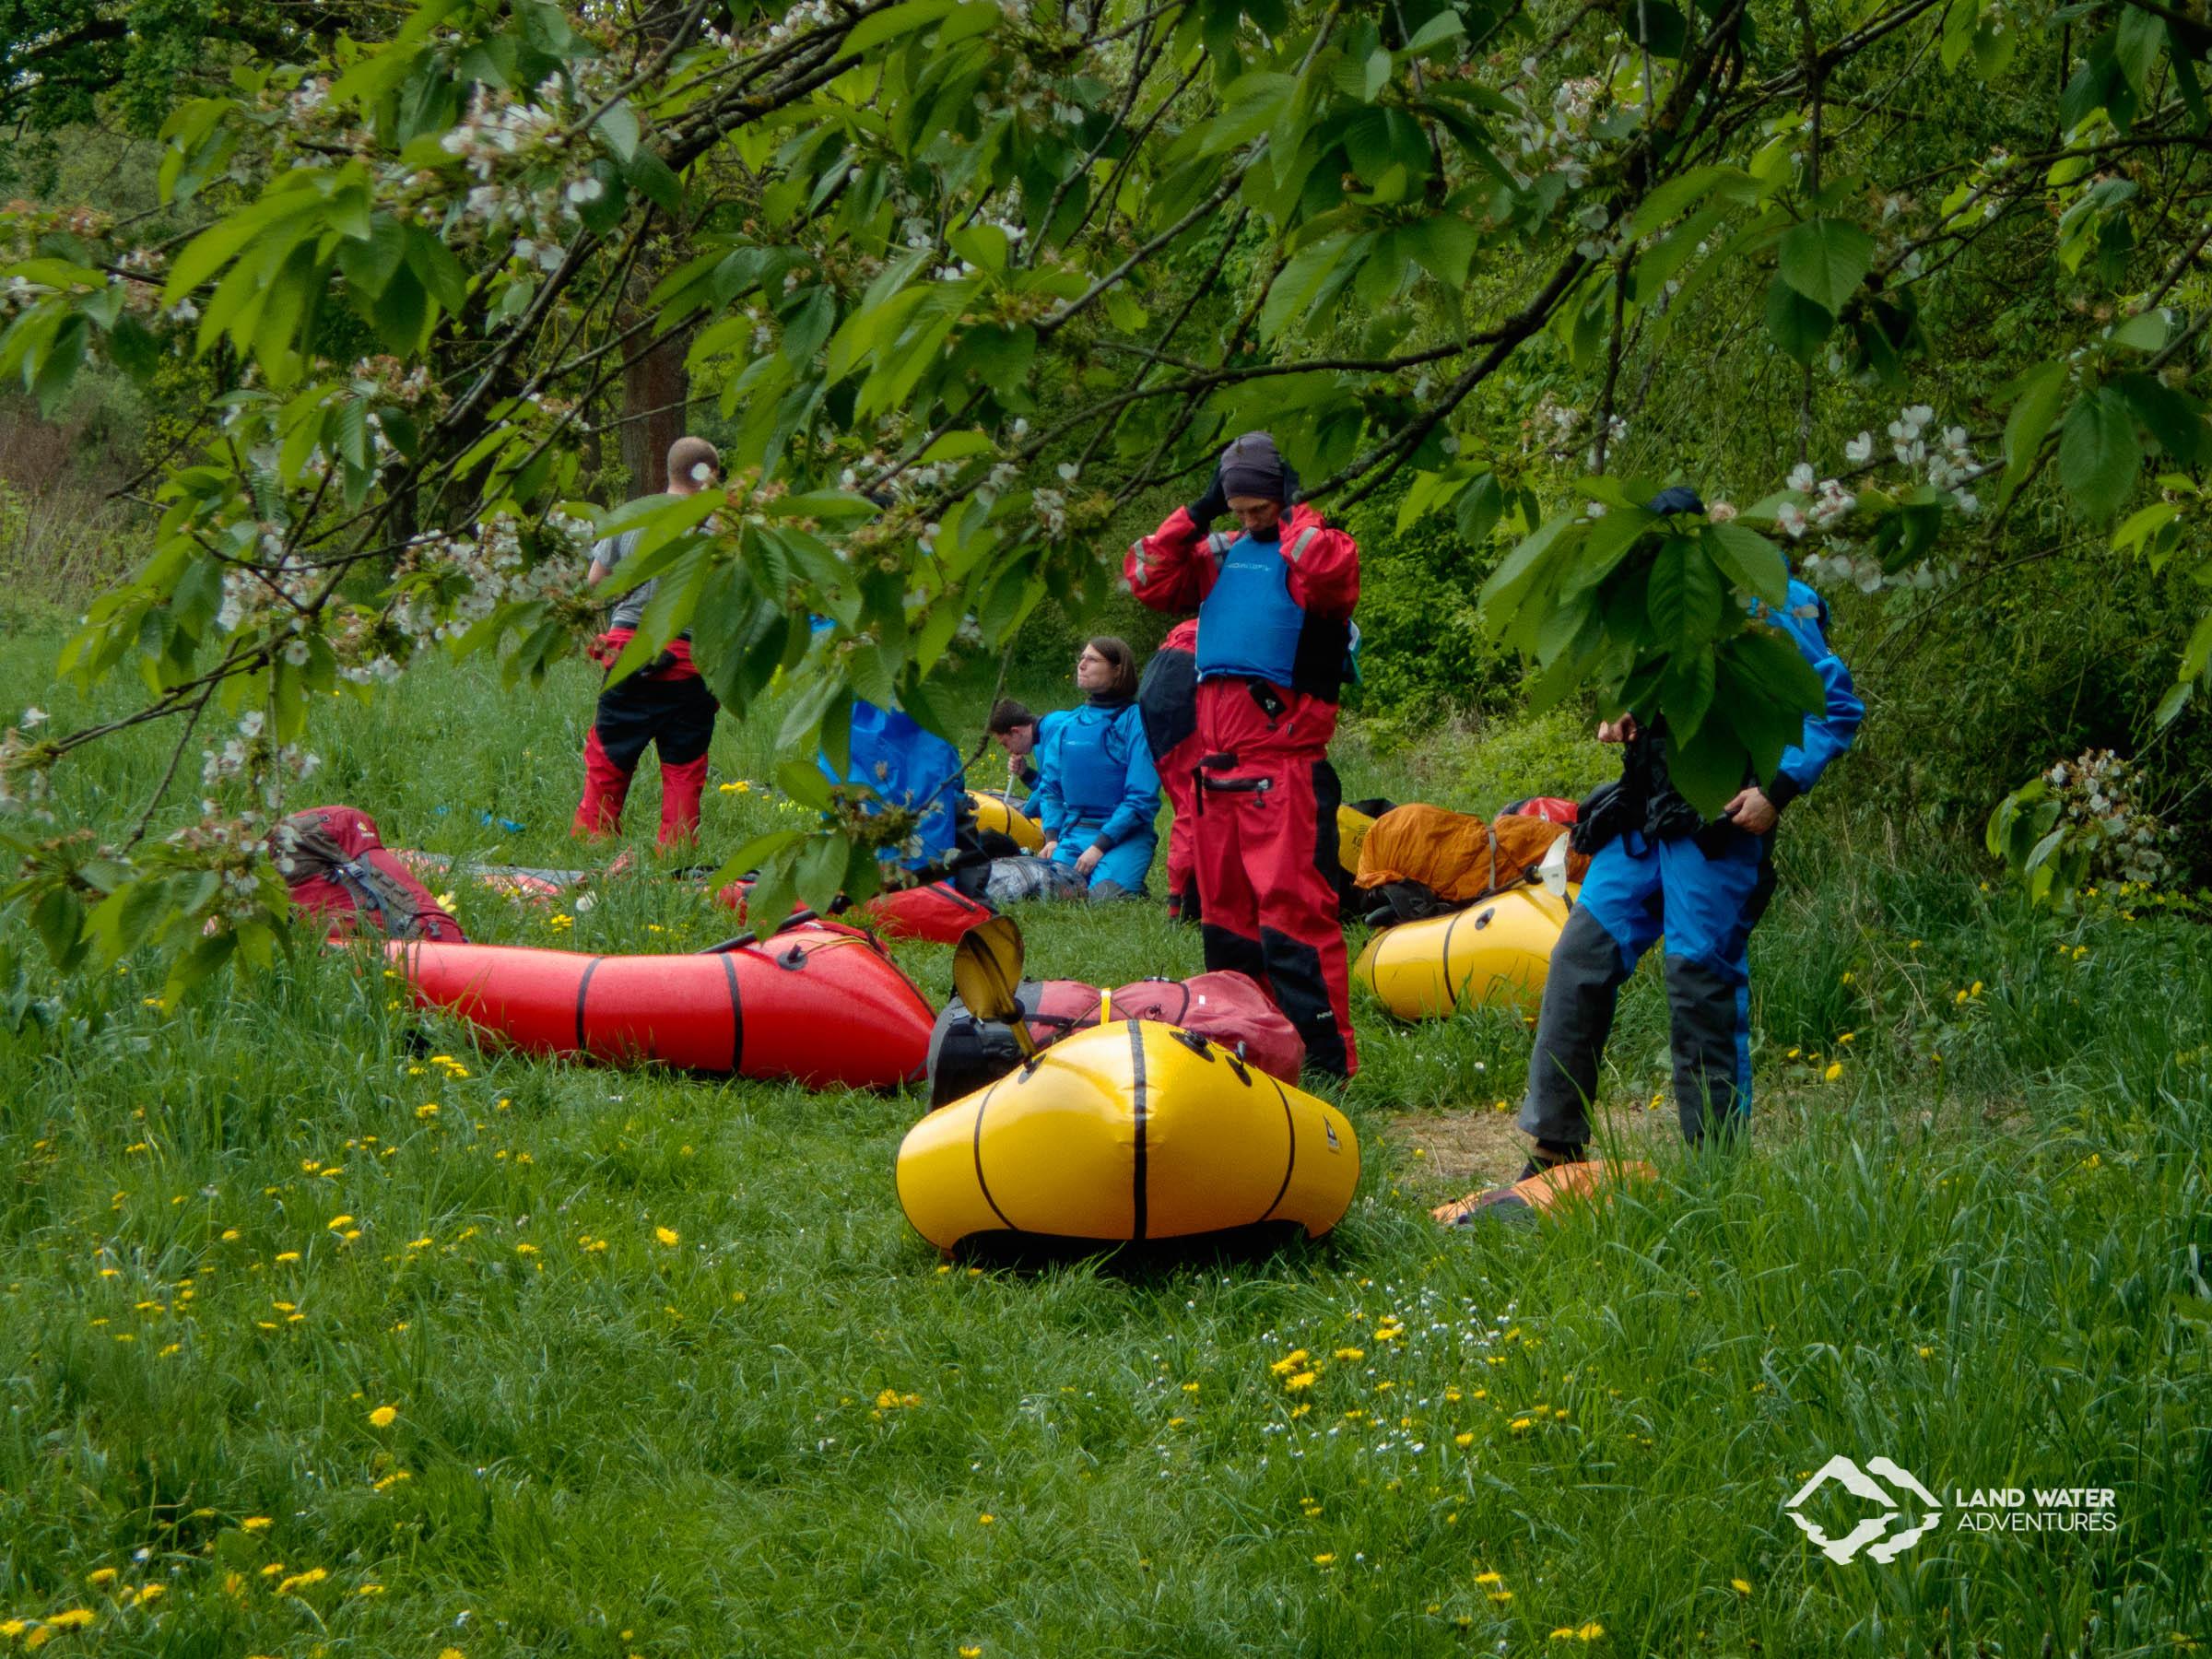 Packrafts im Früjahrsgrün der Nahe © Land Water Adventures